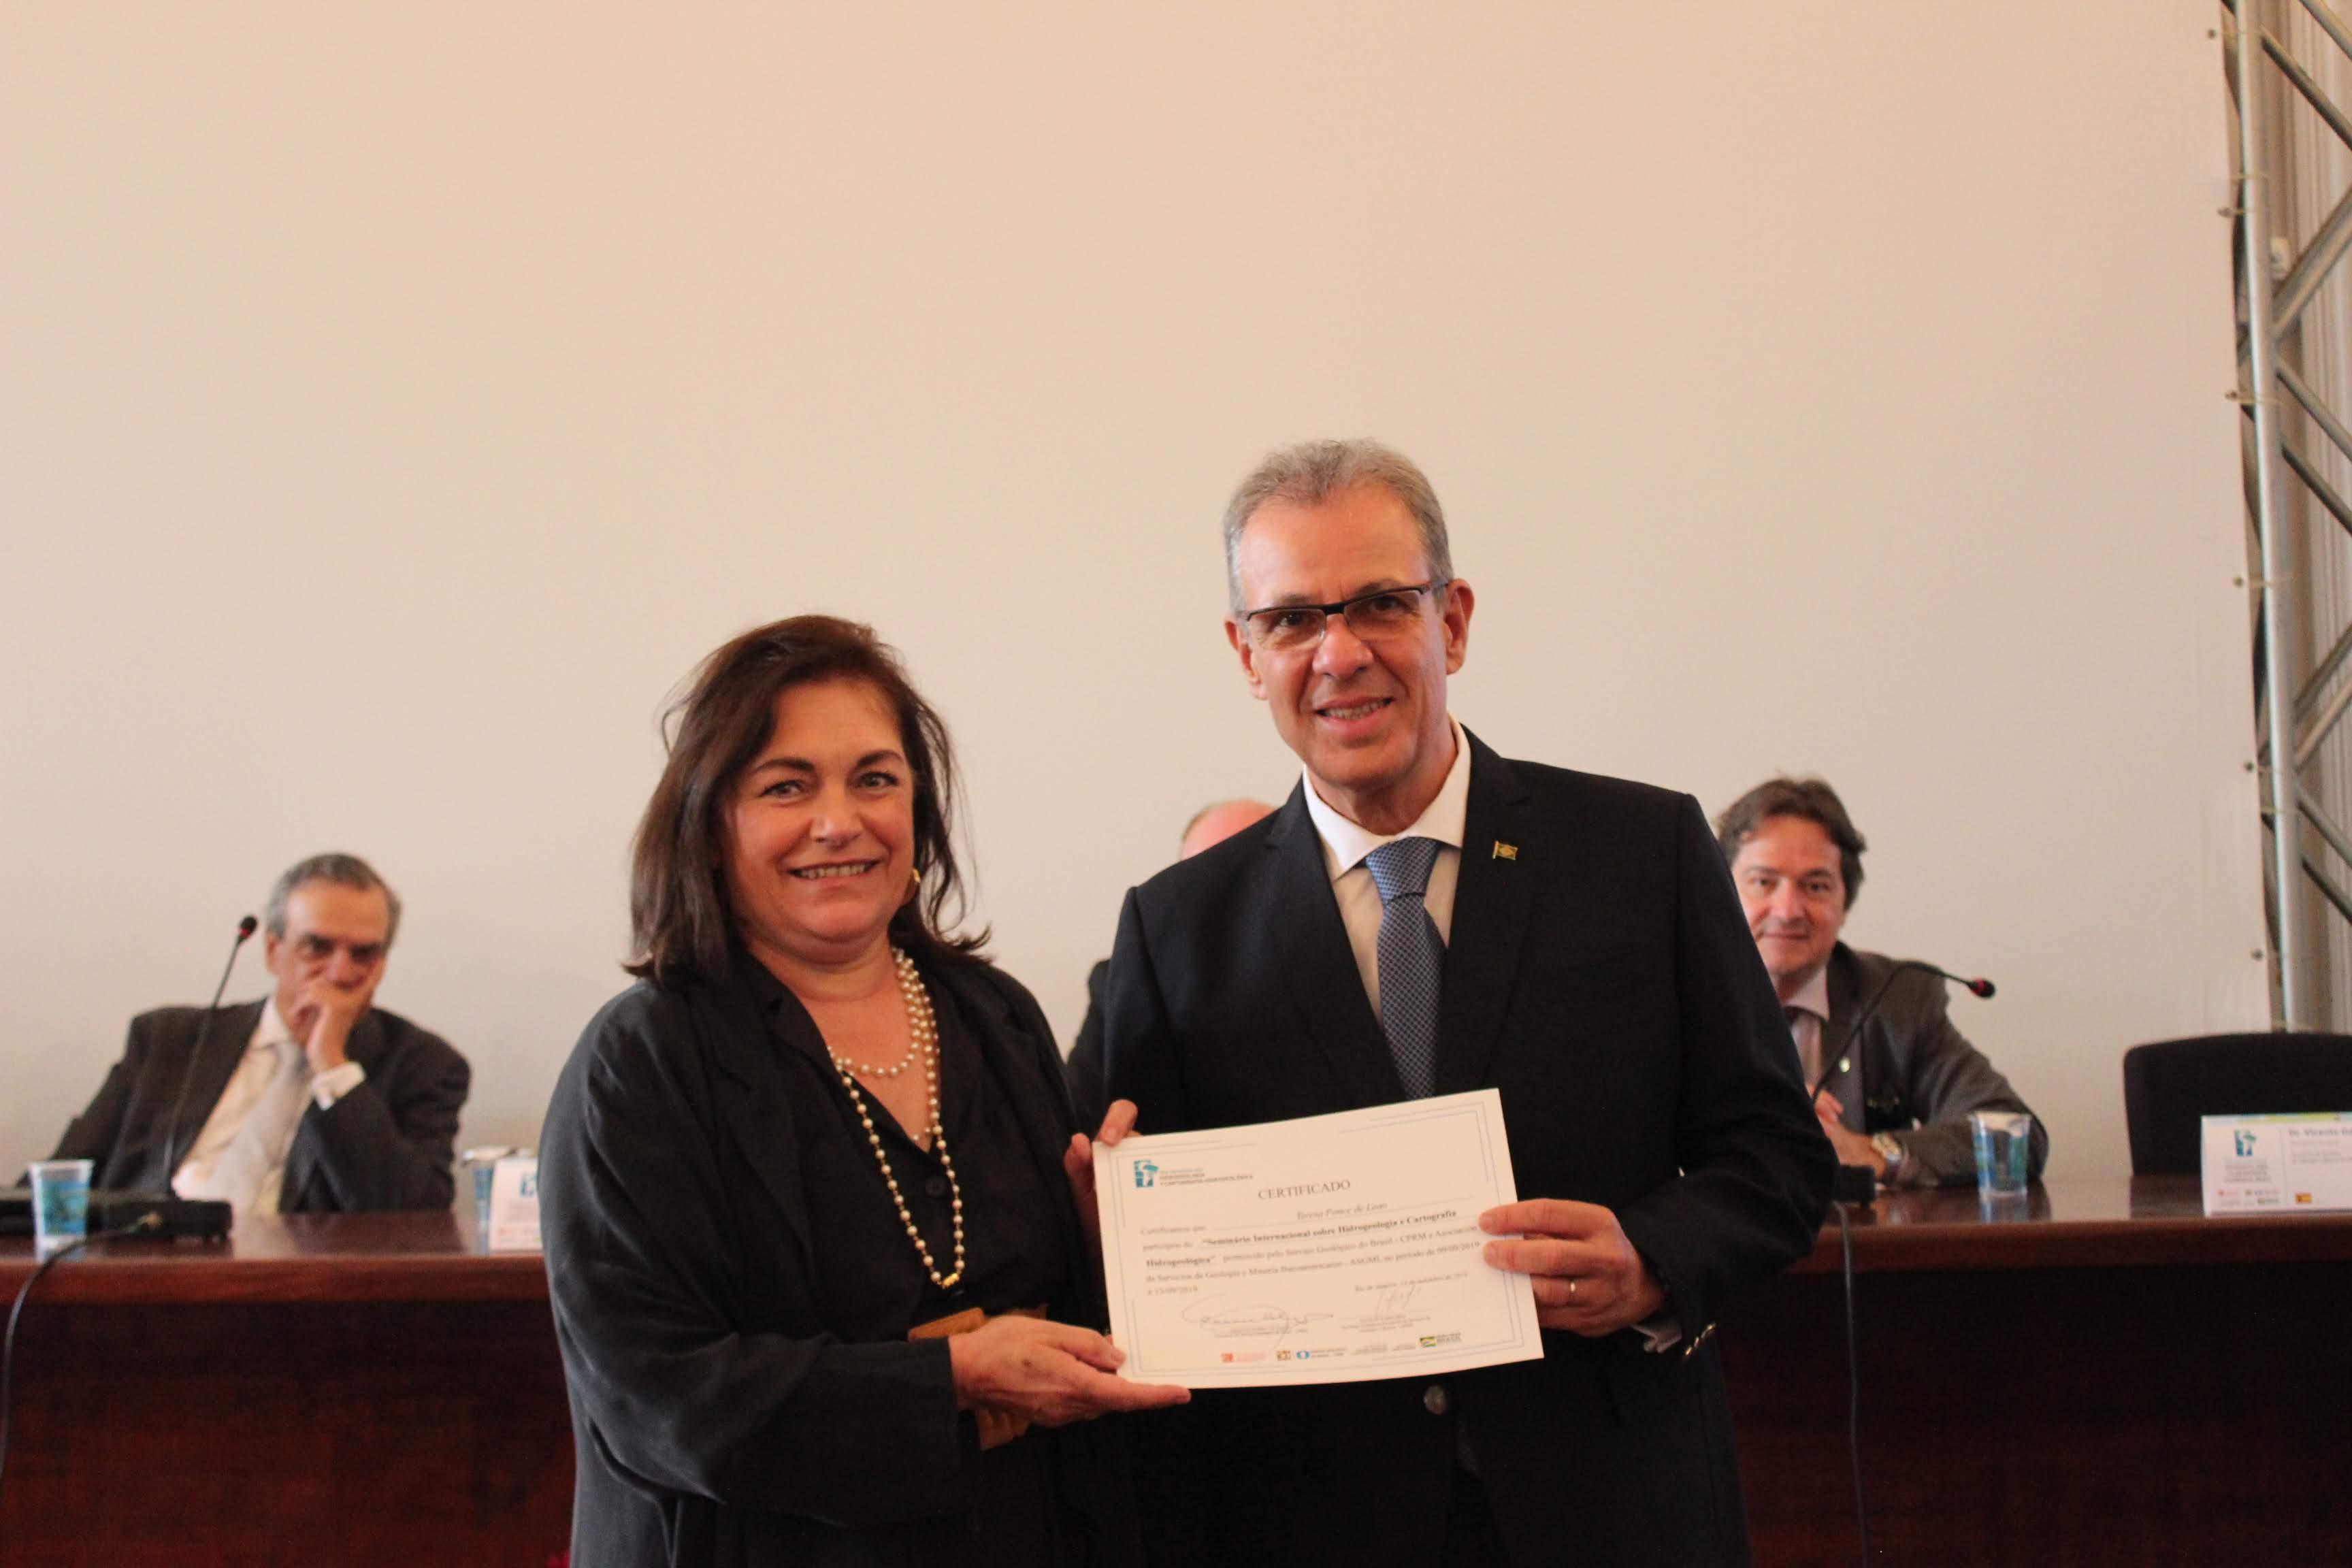 Presidente do LNEG e Ministro de Minas e Energia do Brasil